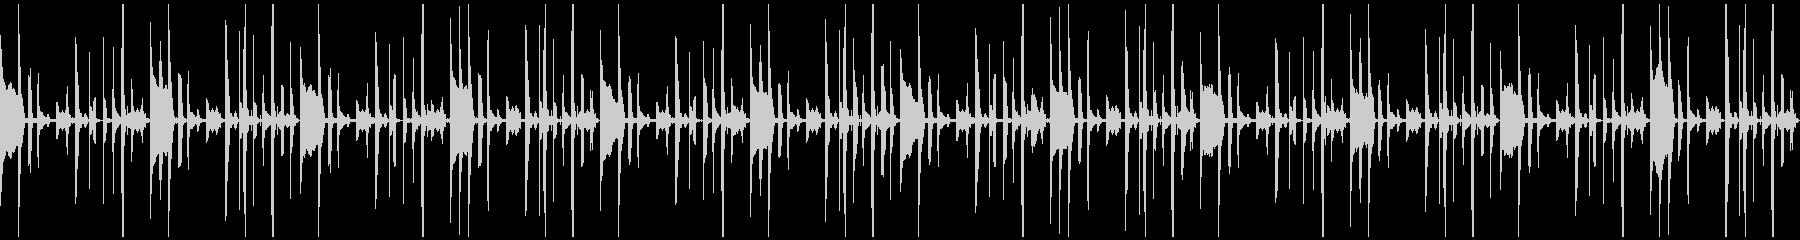 トーク、会話の背景用BGM(ループ)の未再生の波形